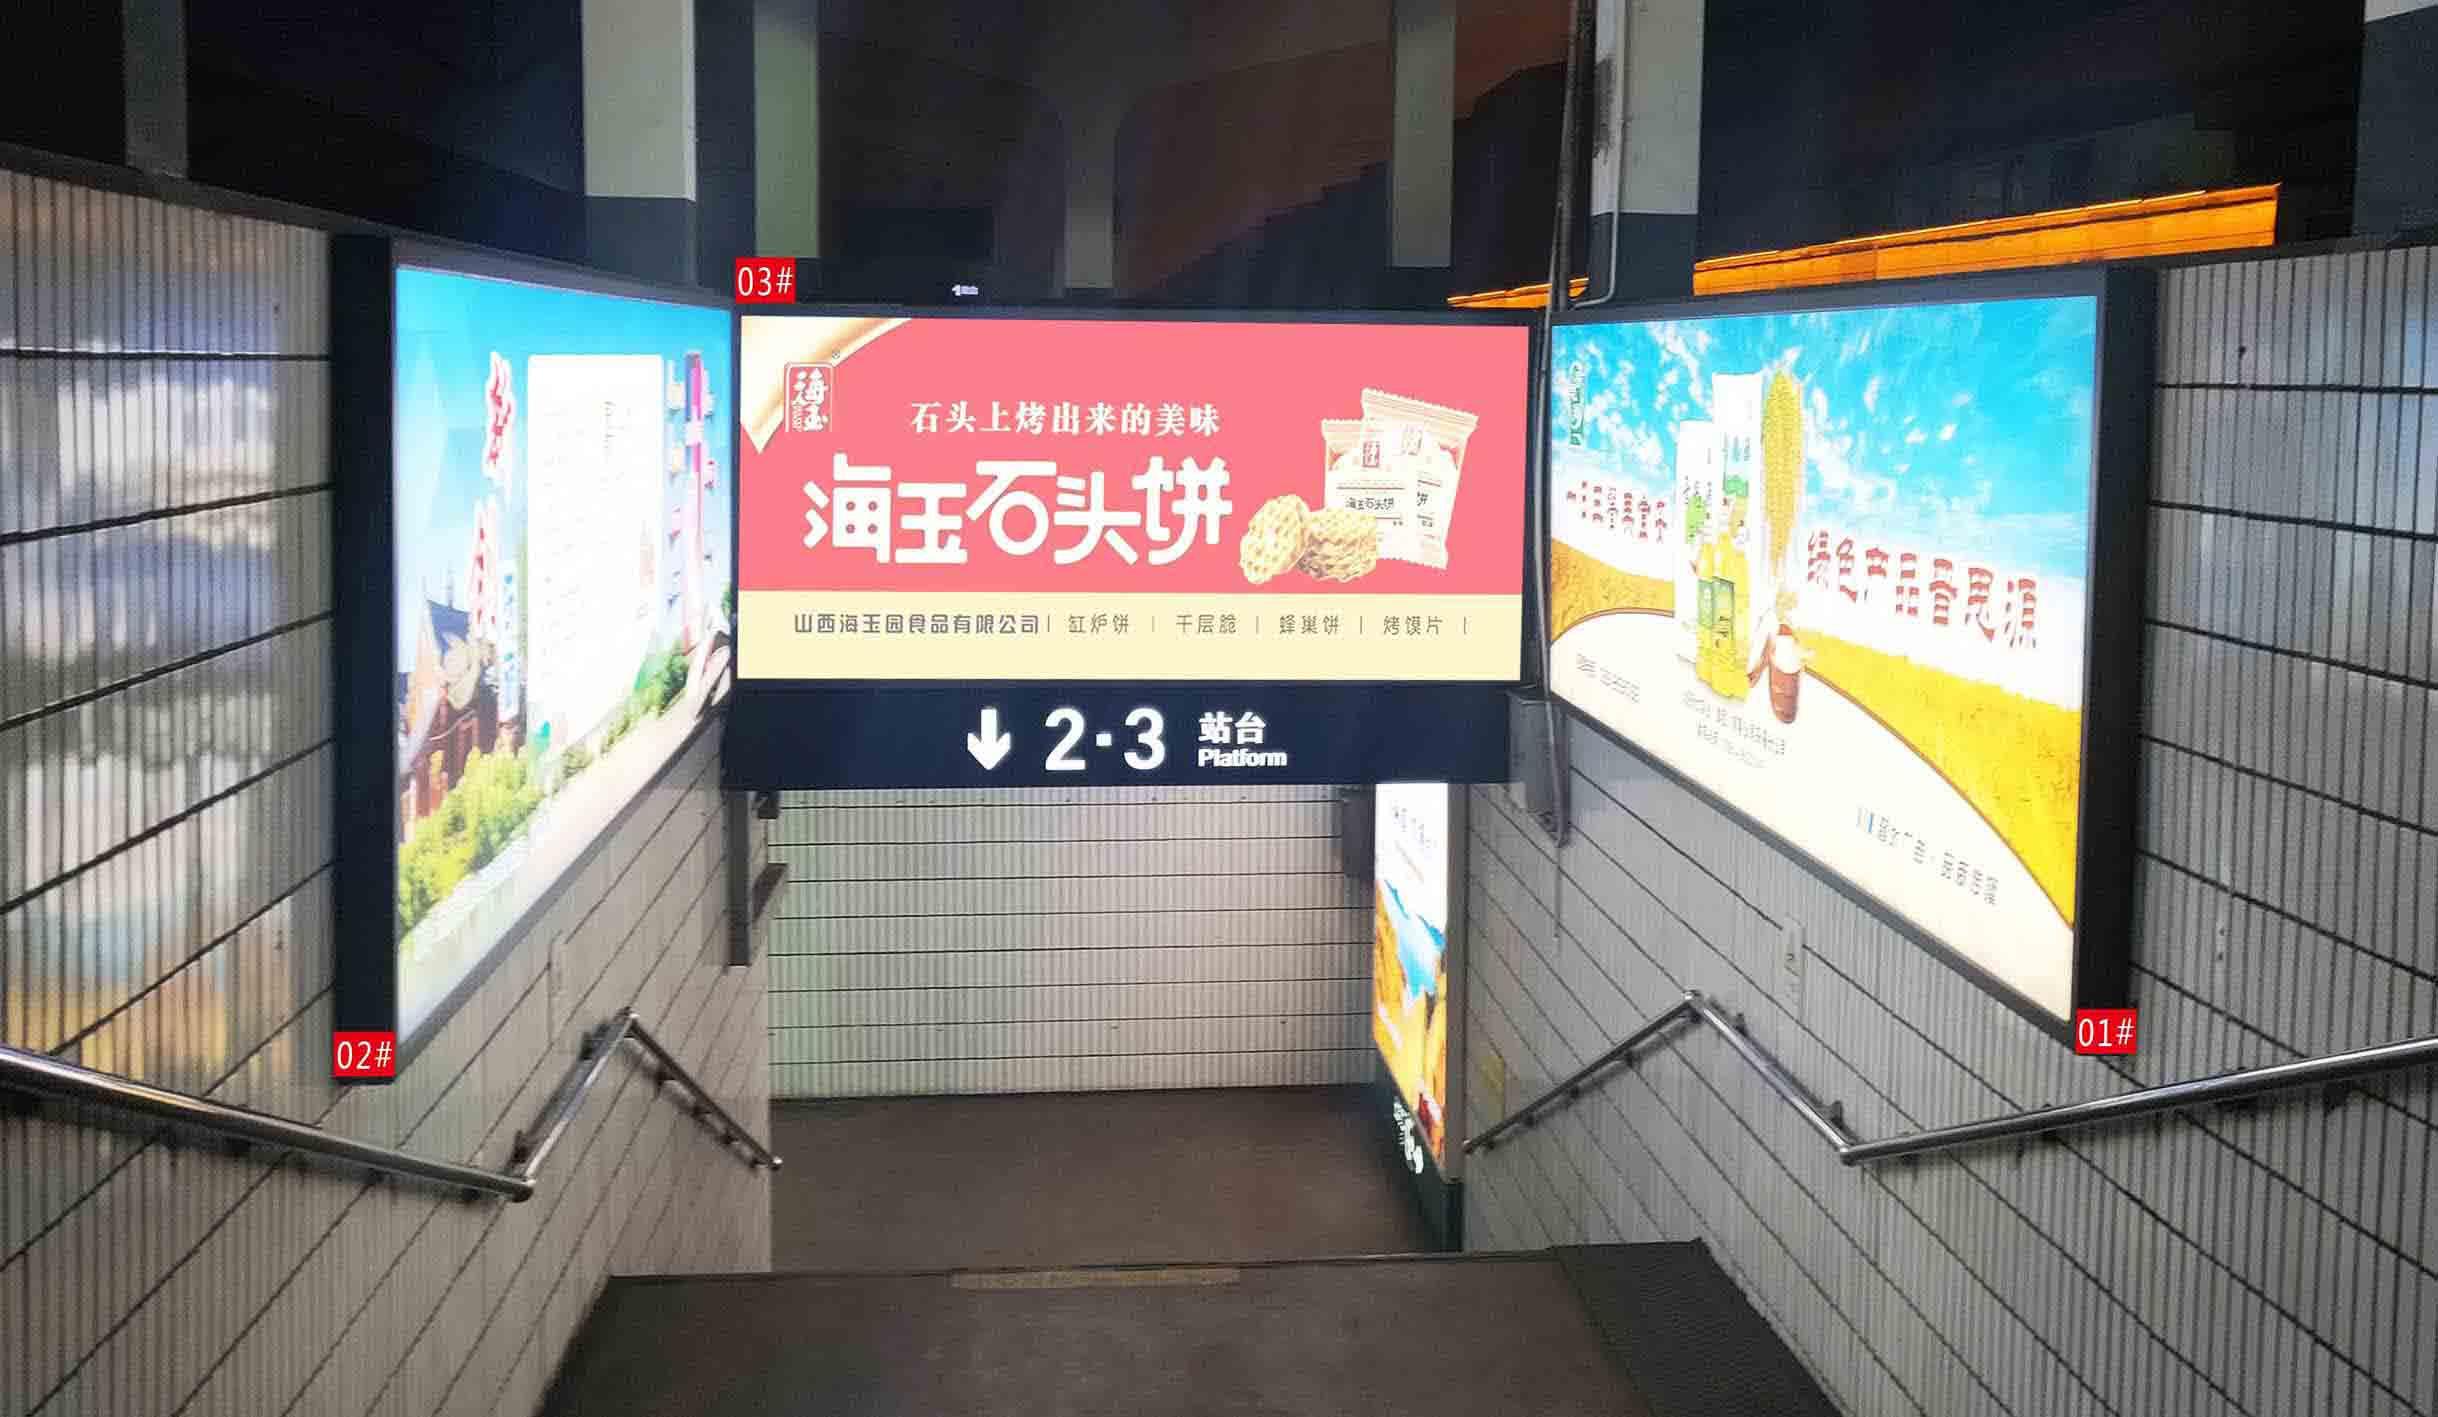 介休火车站2-3站台梯煤灯箱广告1# 、2#、 3#